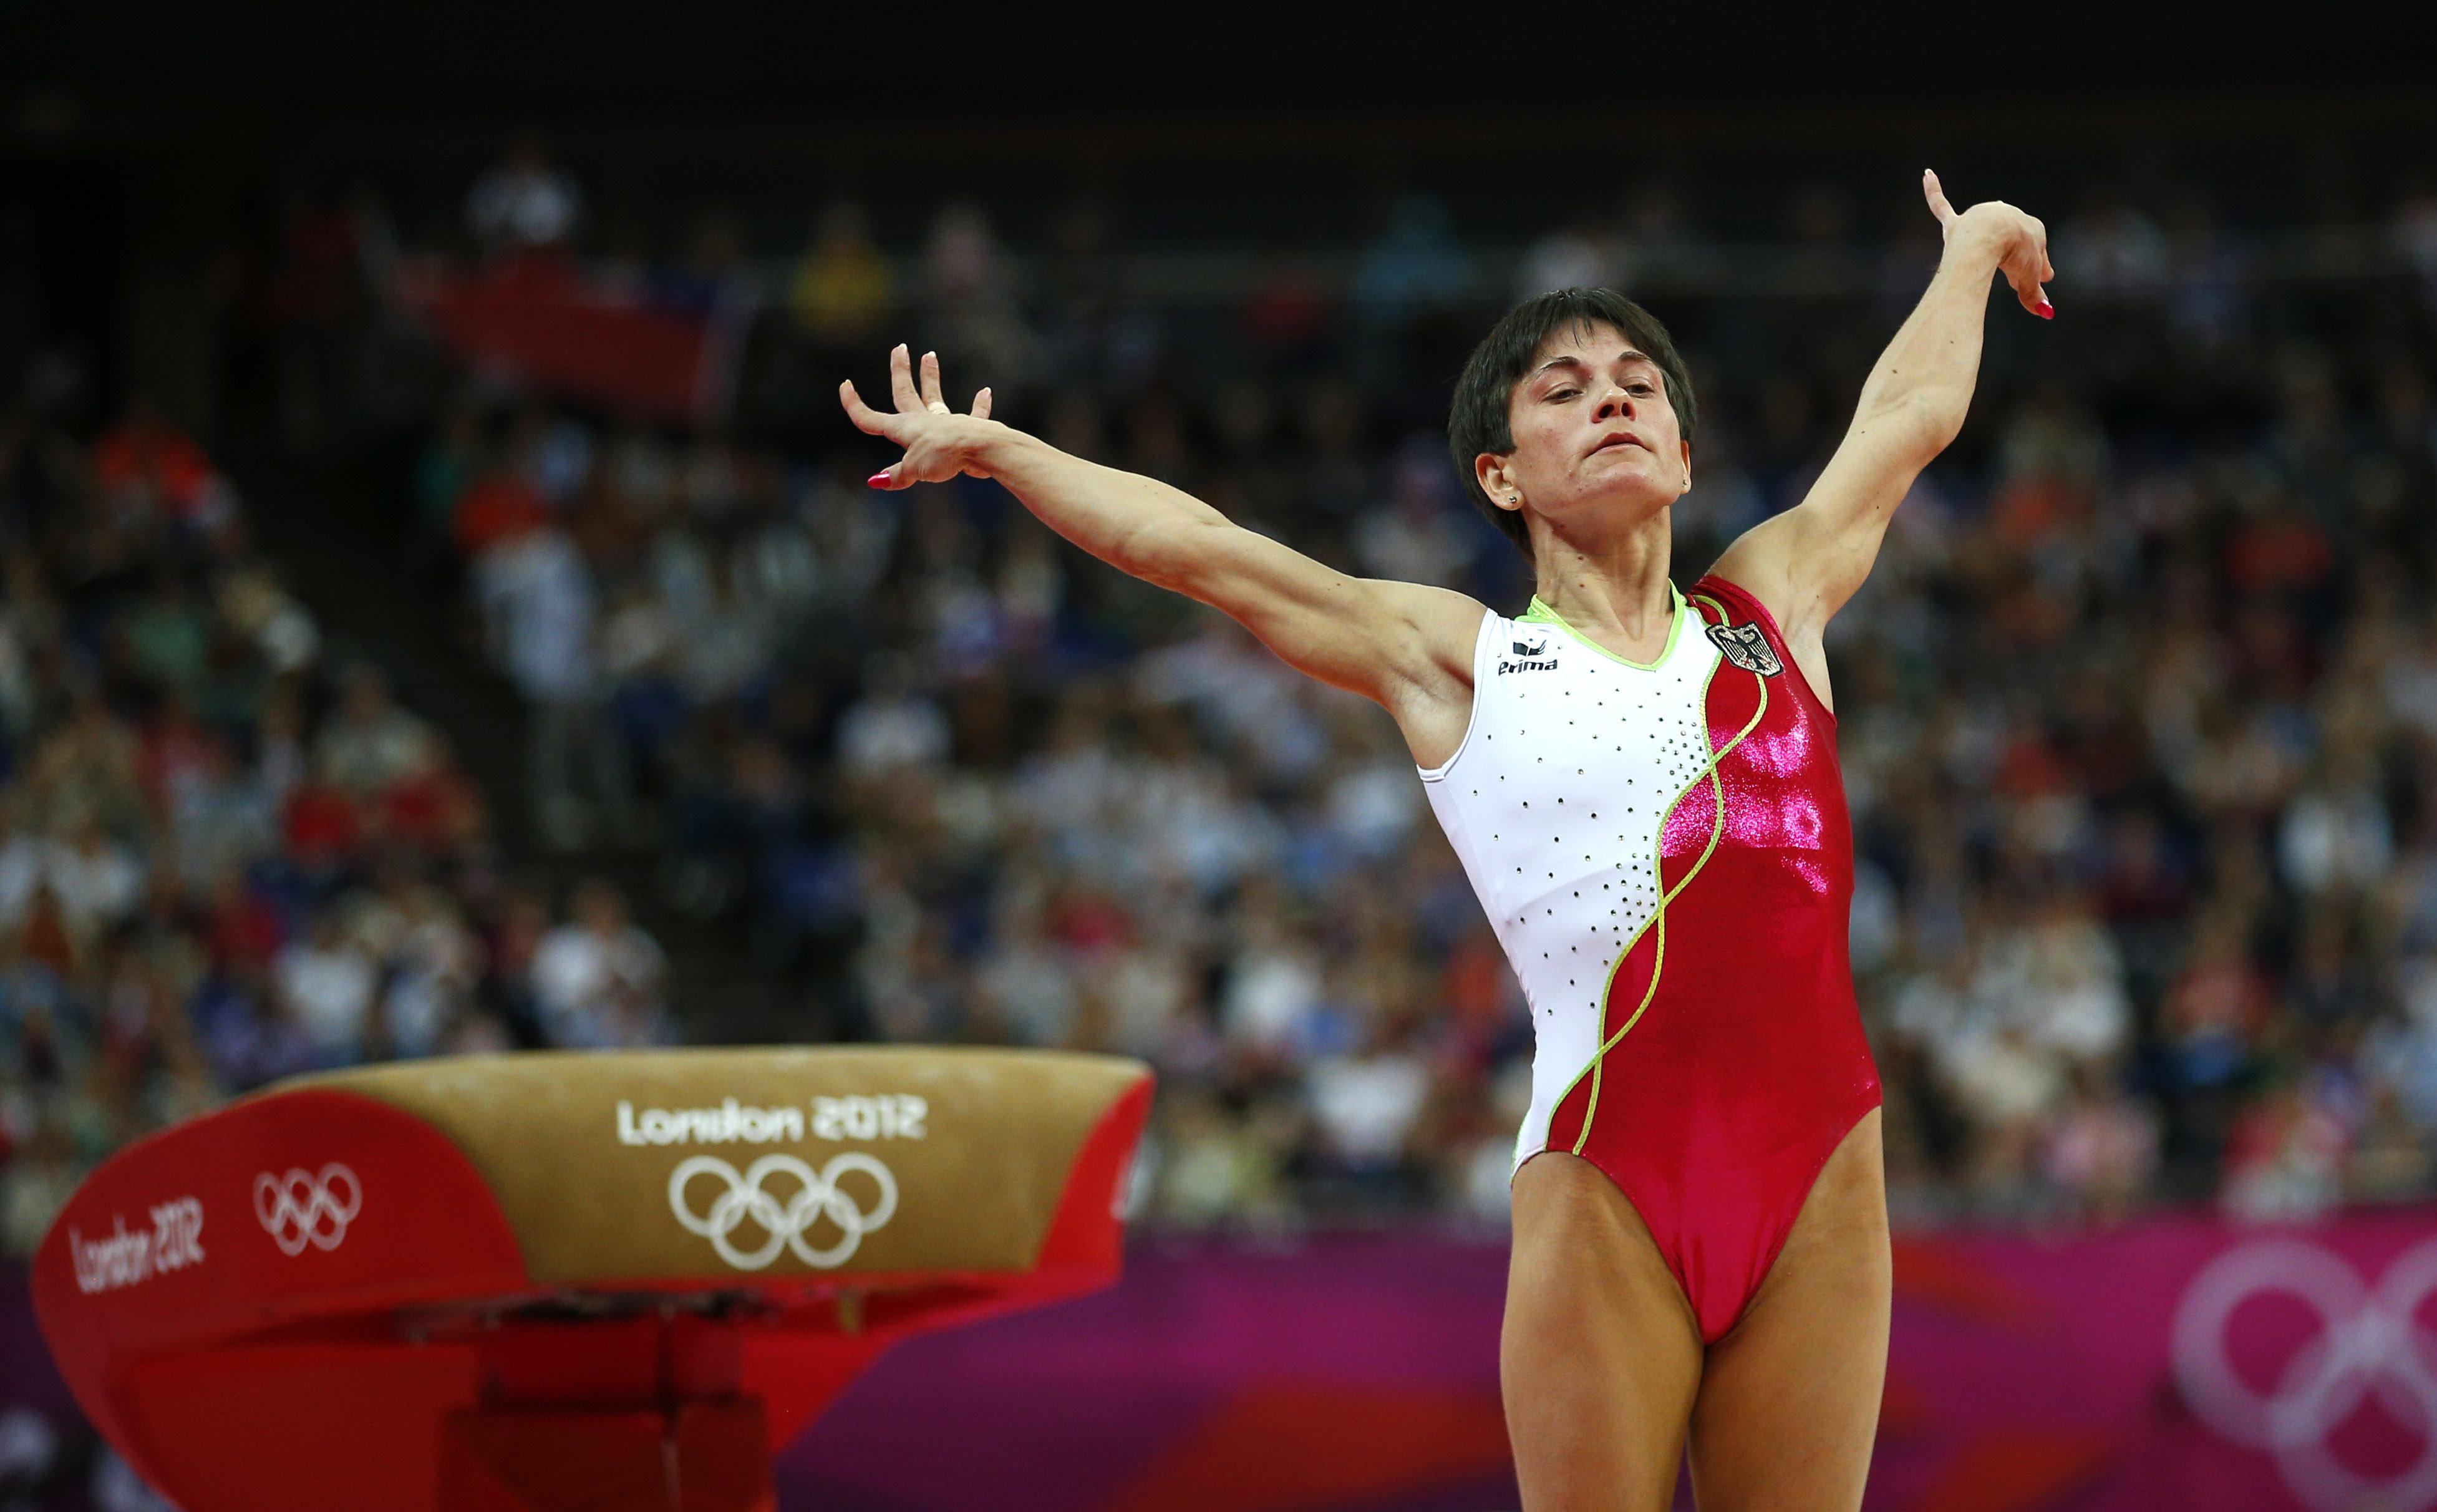 OksanaChusovitina at the London 2012 Olympics